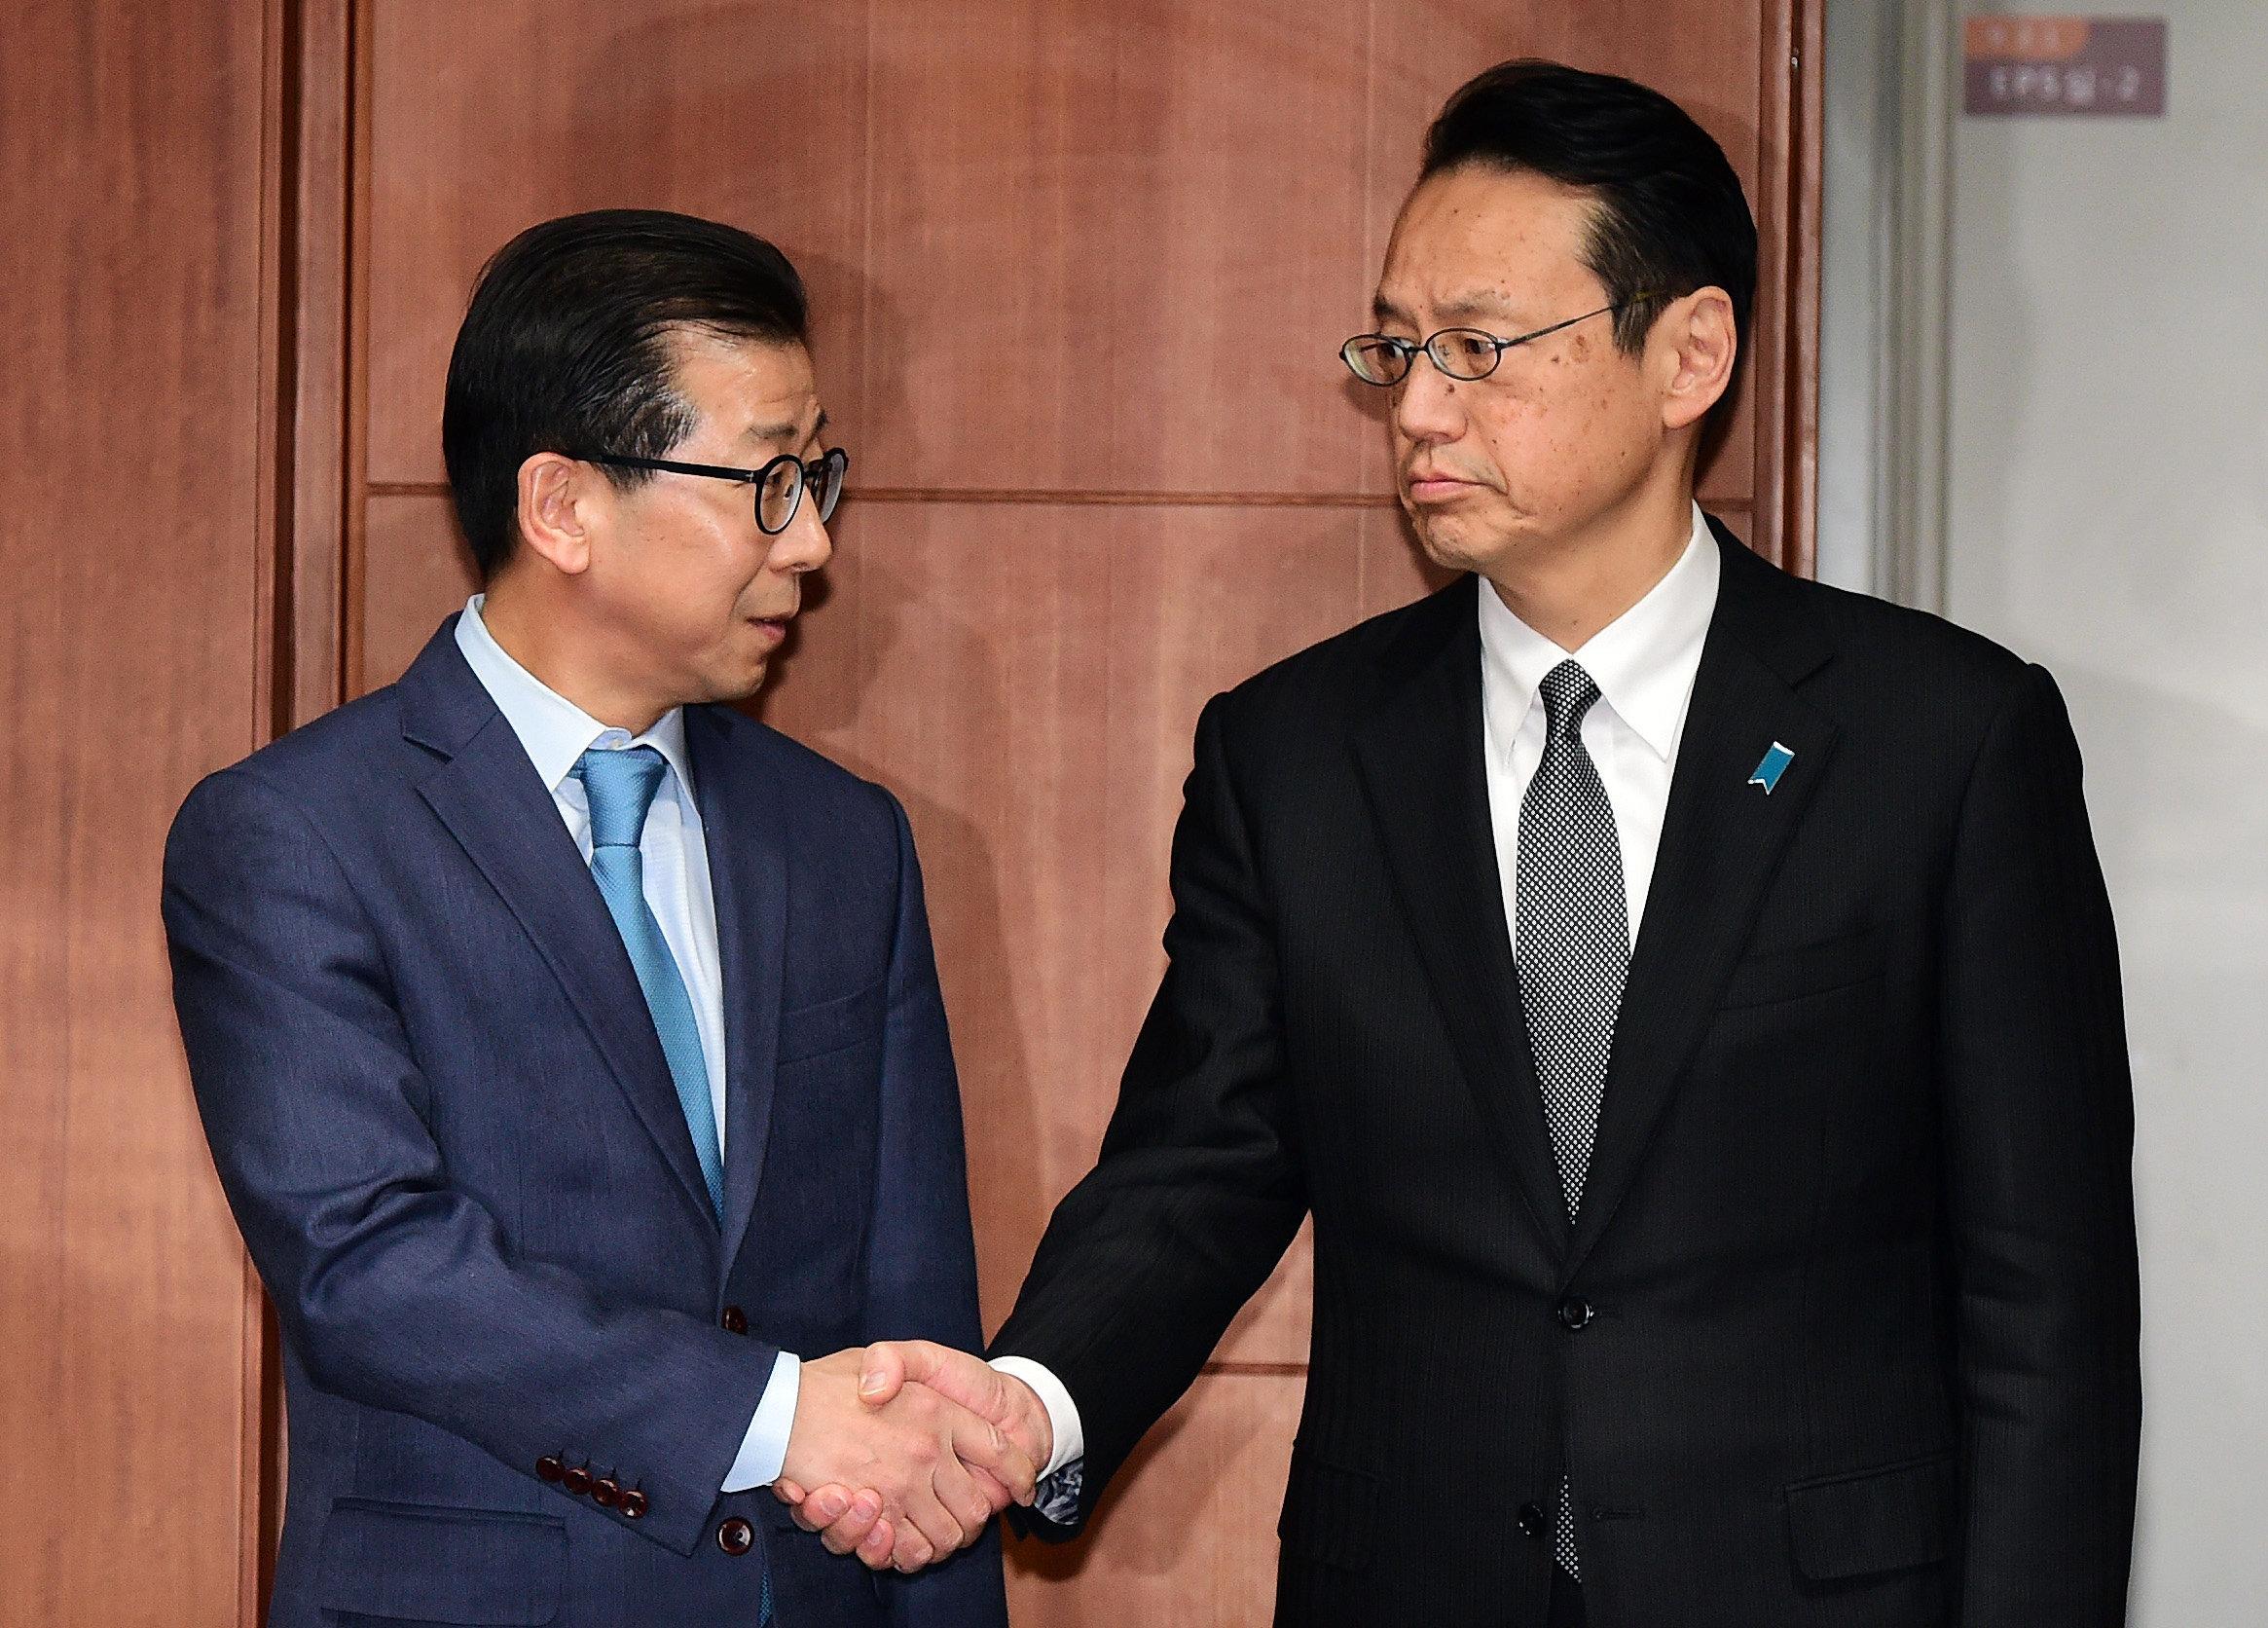 김용길 외교부 동북아시아국장(왼쪽)과 가나스기 겐지 일본 외무성